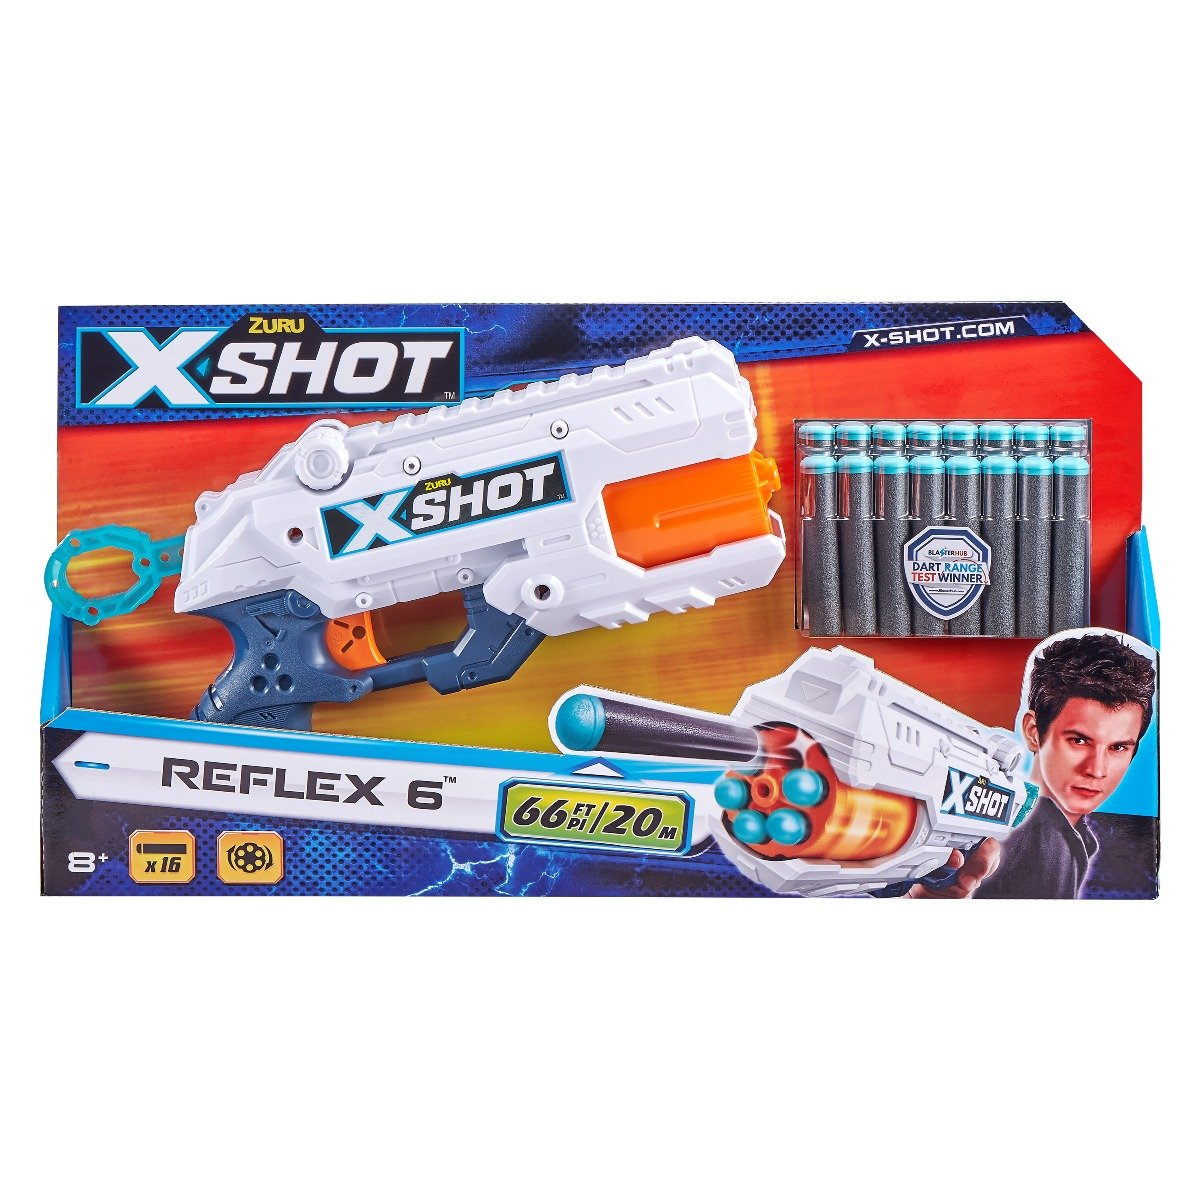 Blaster X-Shot Excel Reflex 6, 16 proiectile